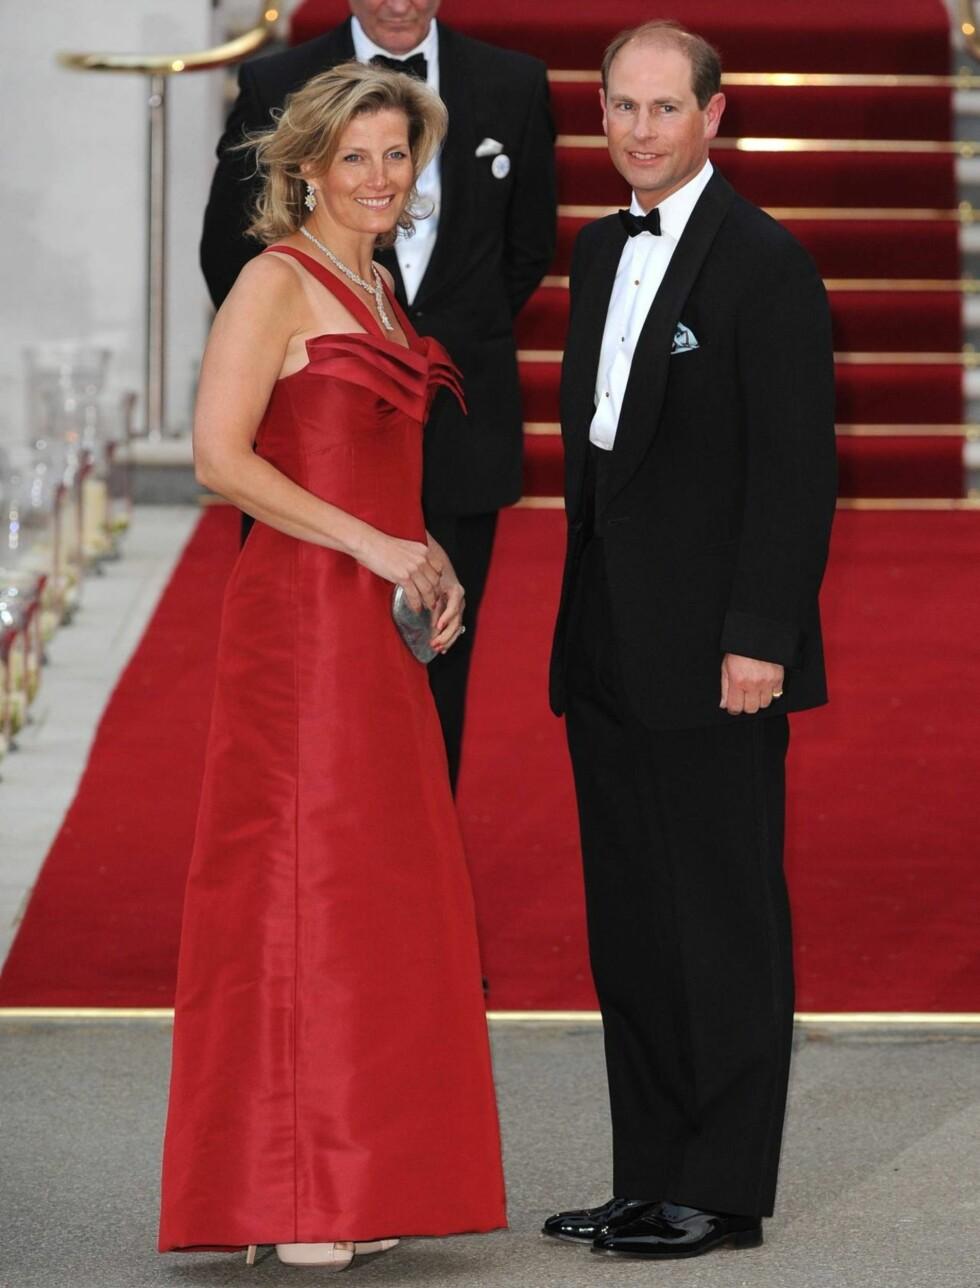 PÅ FEST I RØDT: Britiske prins Edward og kona Sophie Rhys-Jones. Foto: Stella Pictures